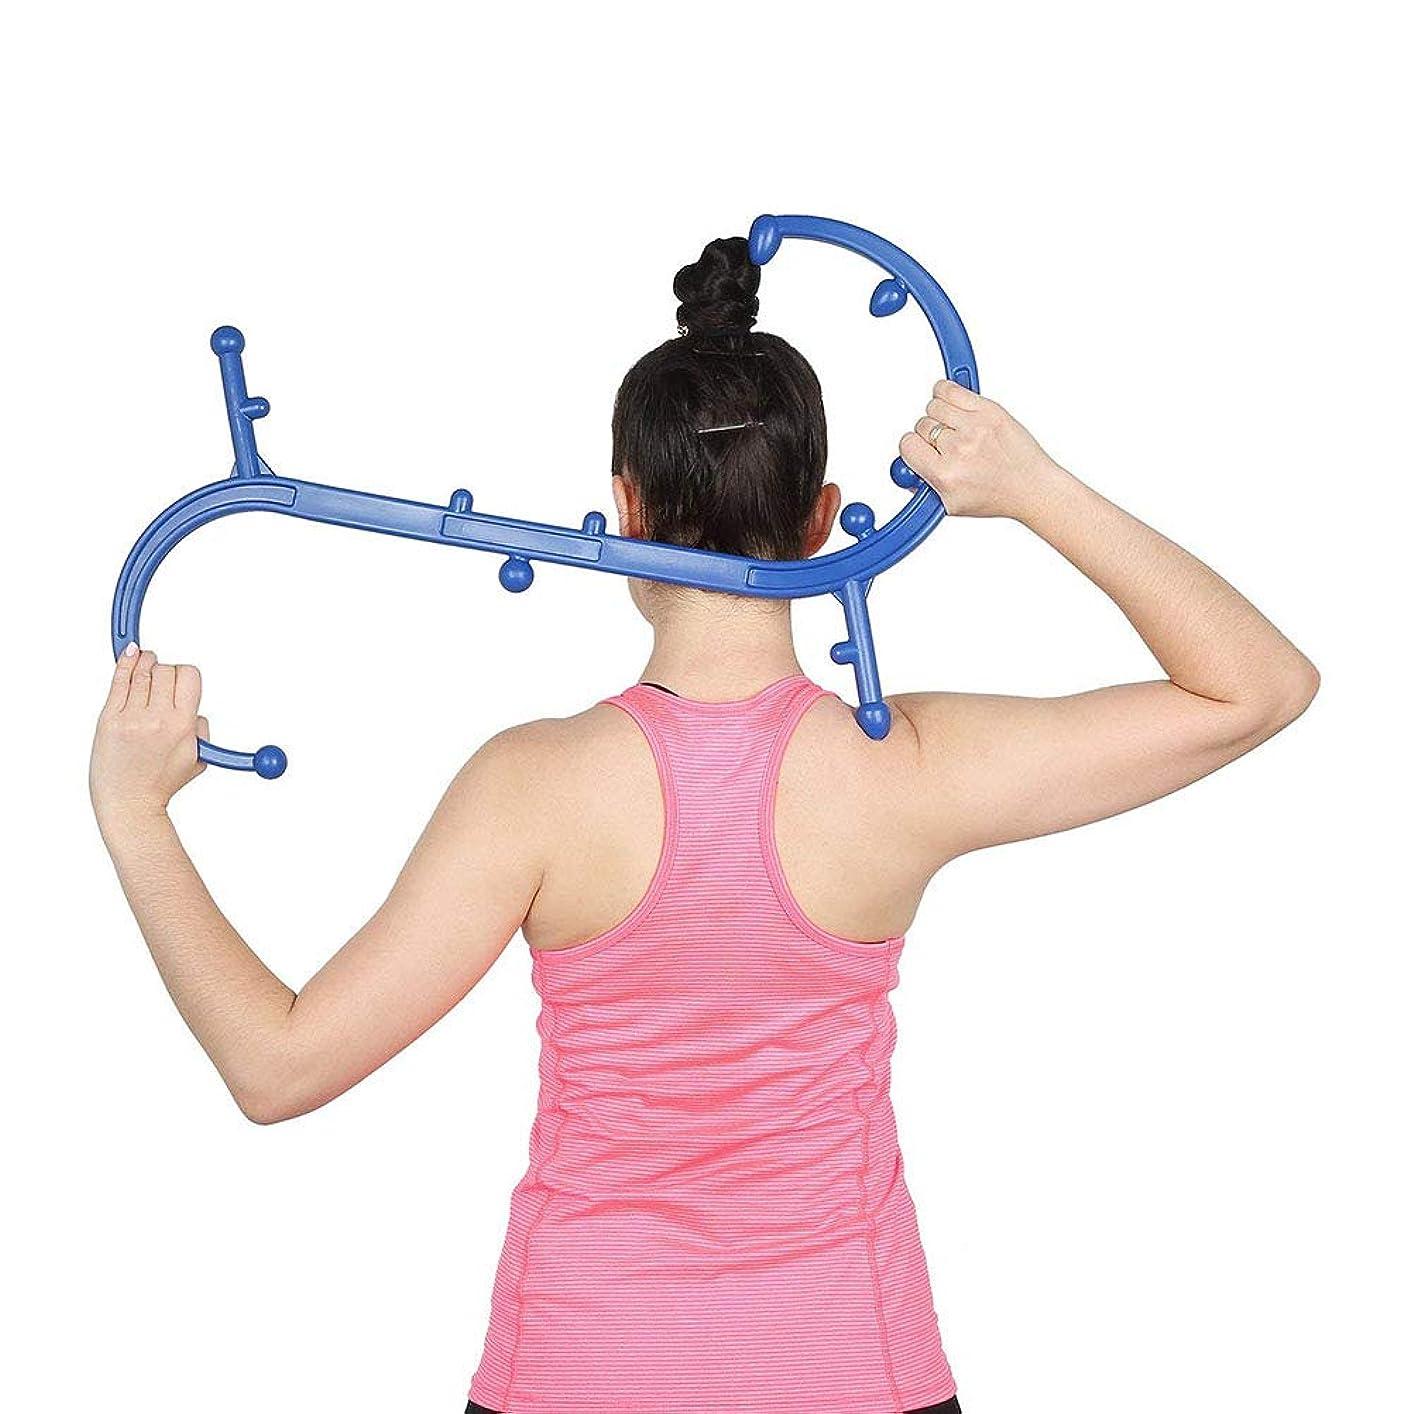 厚くするブレーク選挙Quner 指圧代用器 ボディバックバディ ツボ押しグッズ ネックマッサージャー 肩こり解消 Trigger Point Therapy Self Massage (ブルー)